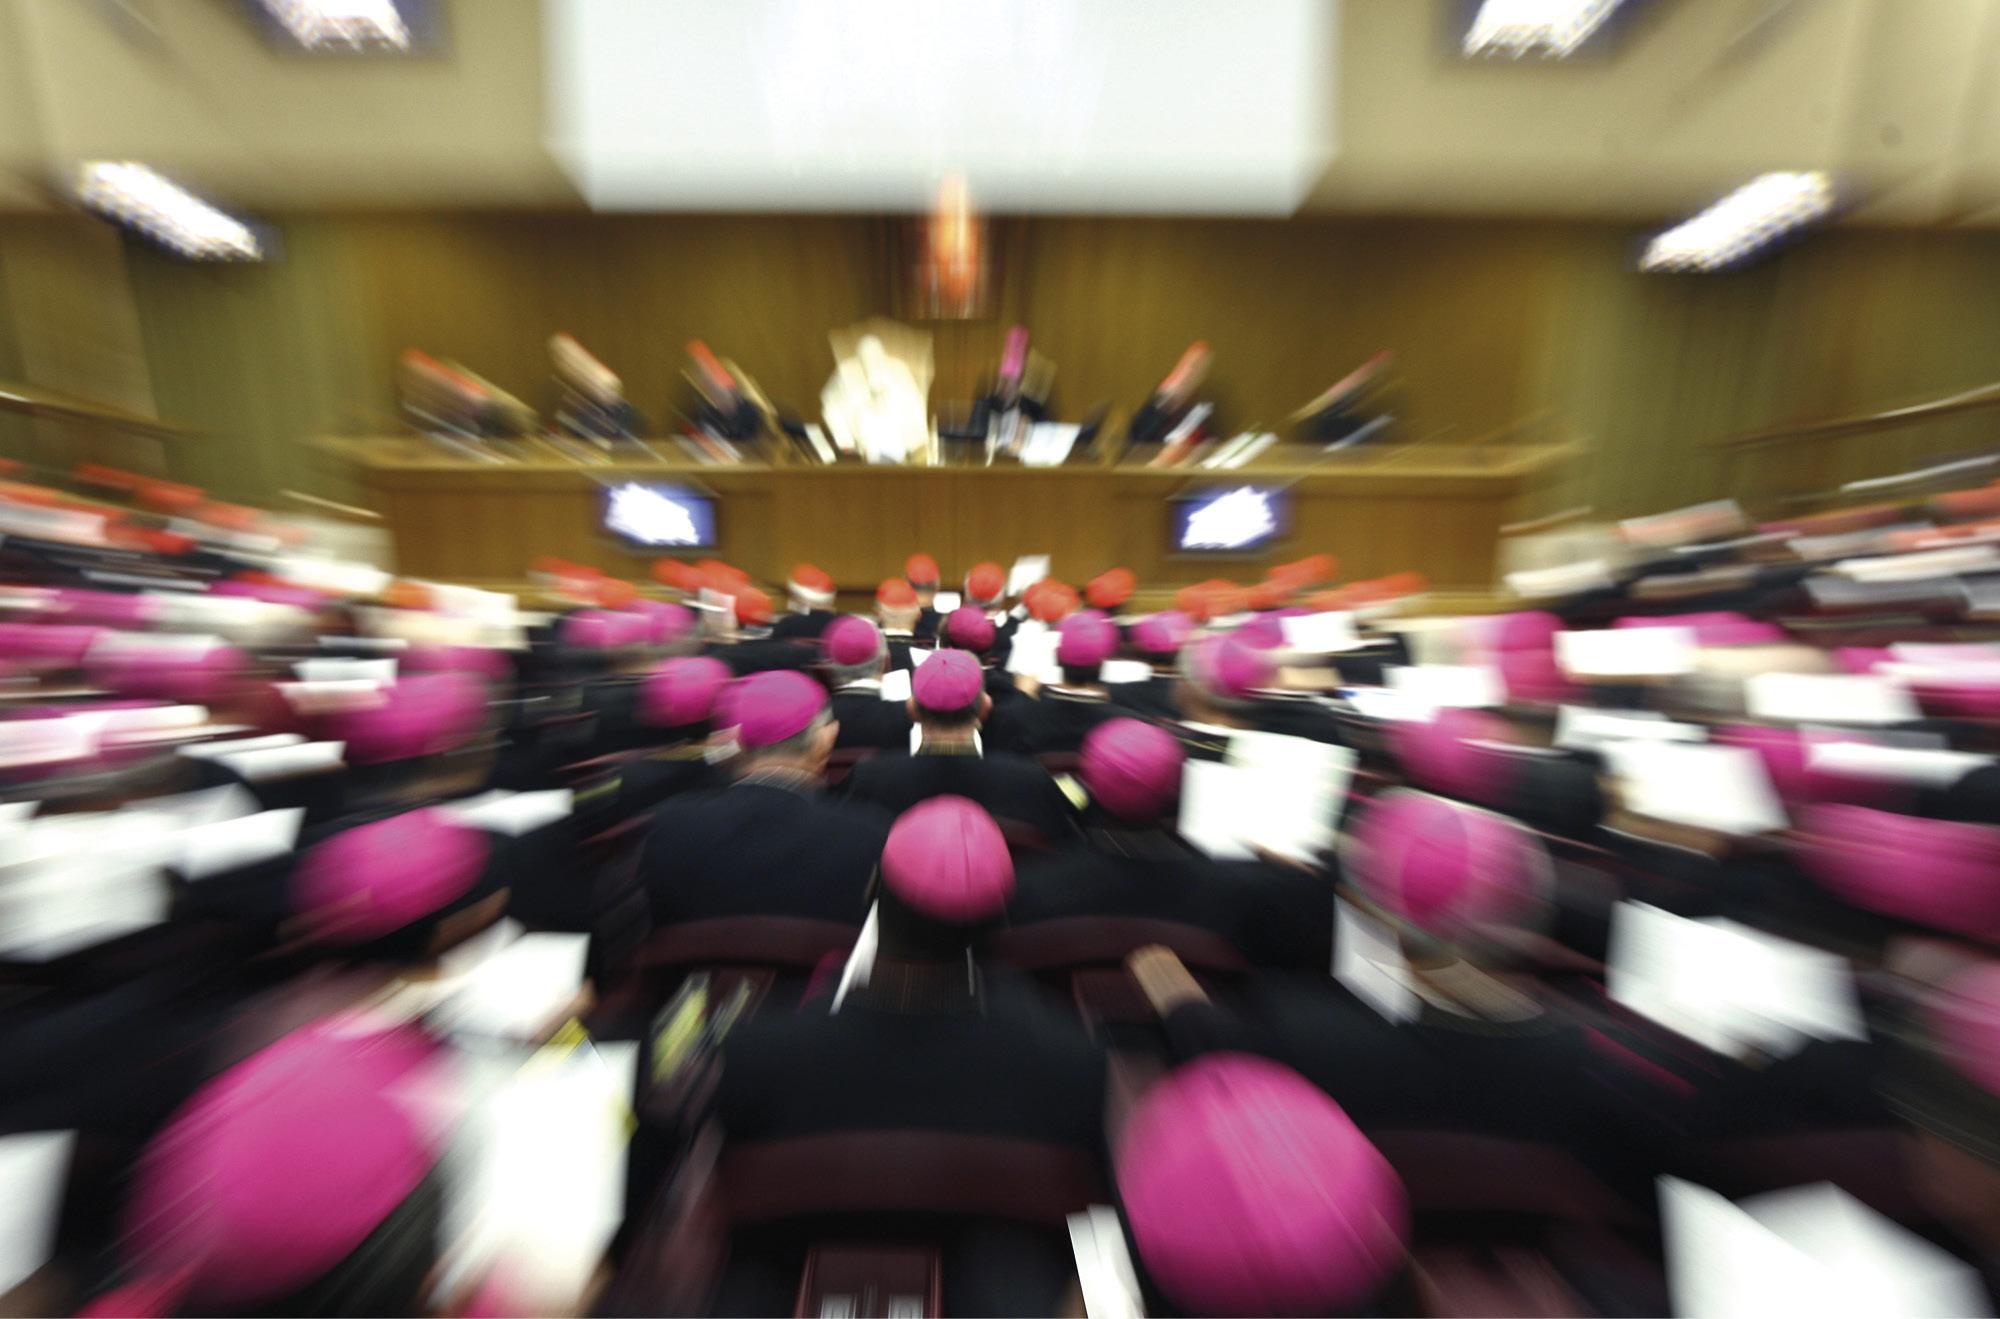 Sínodo dos Bispos, cidade do Vaticano, 2008. Foto Christian Gennari.